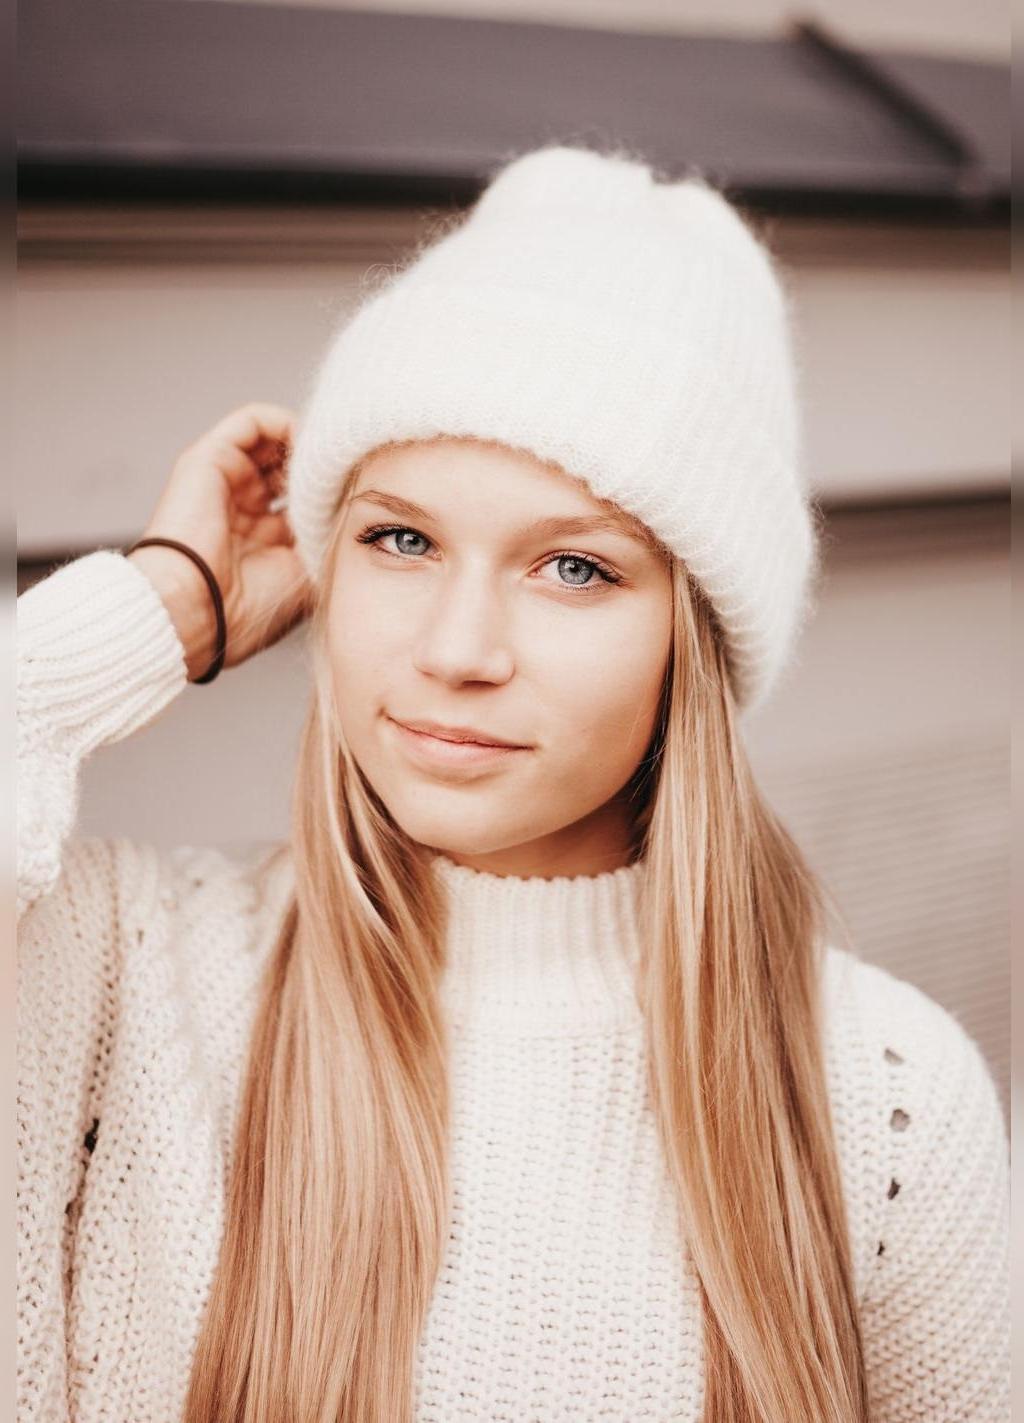 مدل ژورنالی کلاه بافتنی زنانه